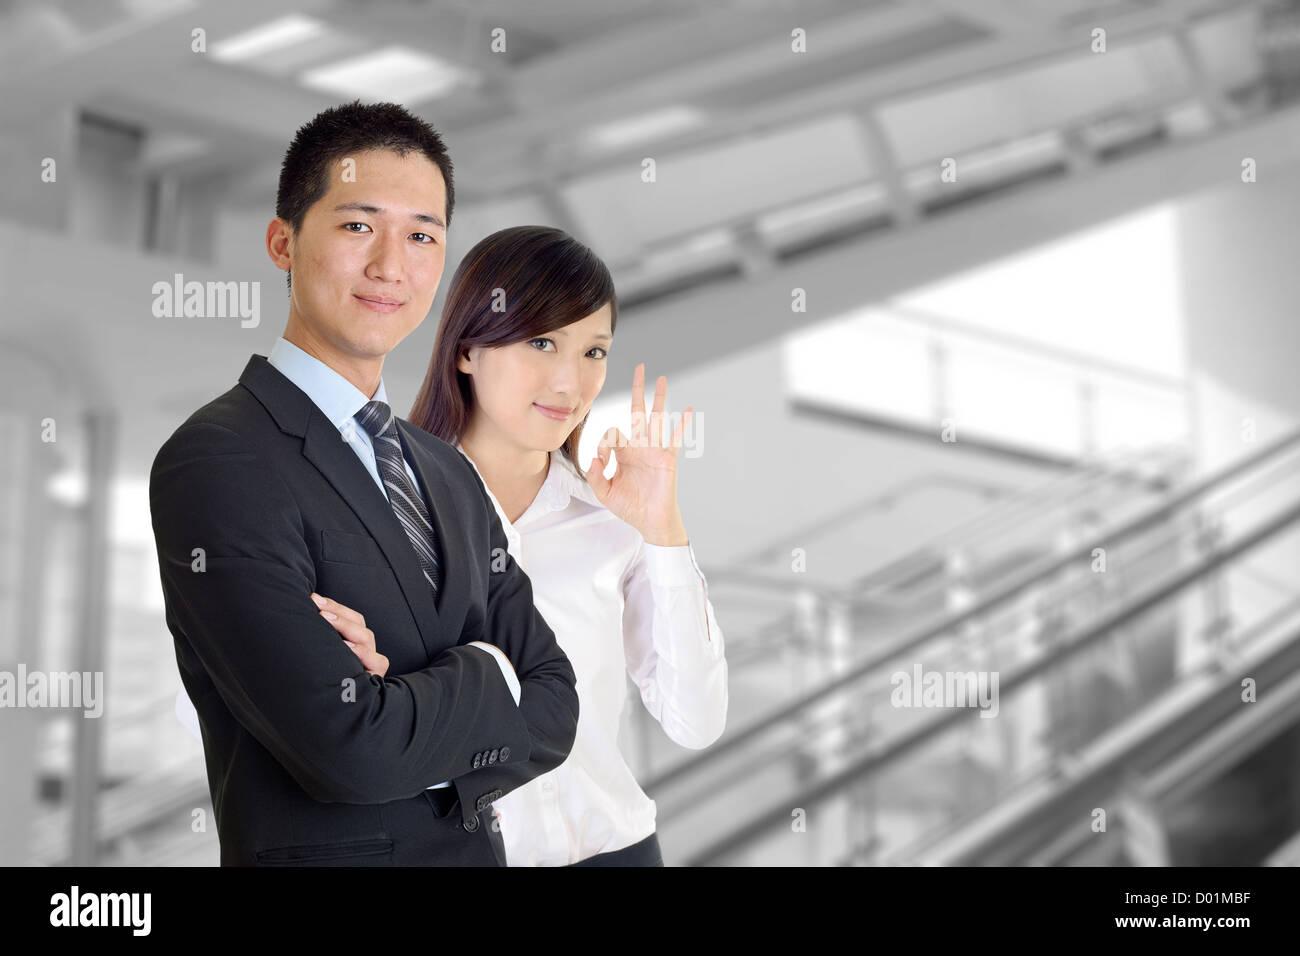 Equipo de negocios, empresario sonriente y amable empresaria en edificio moderno. Imagen De Stock